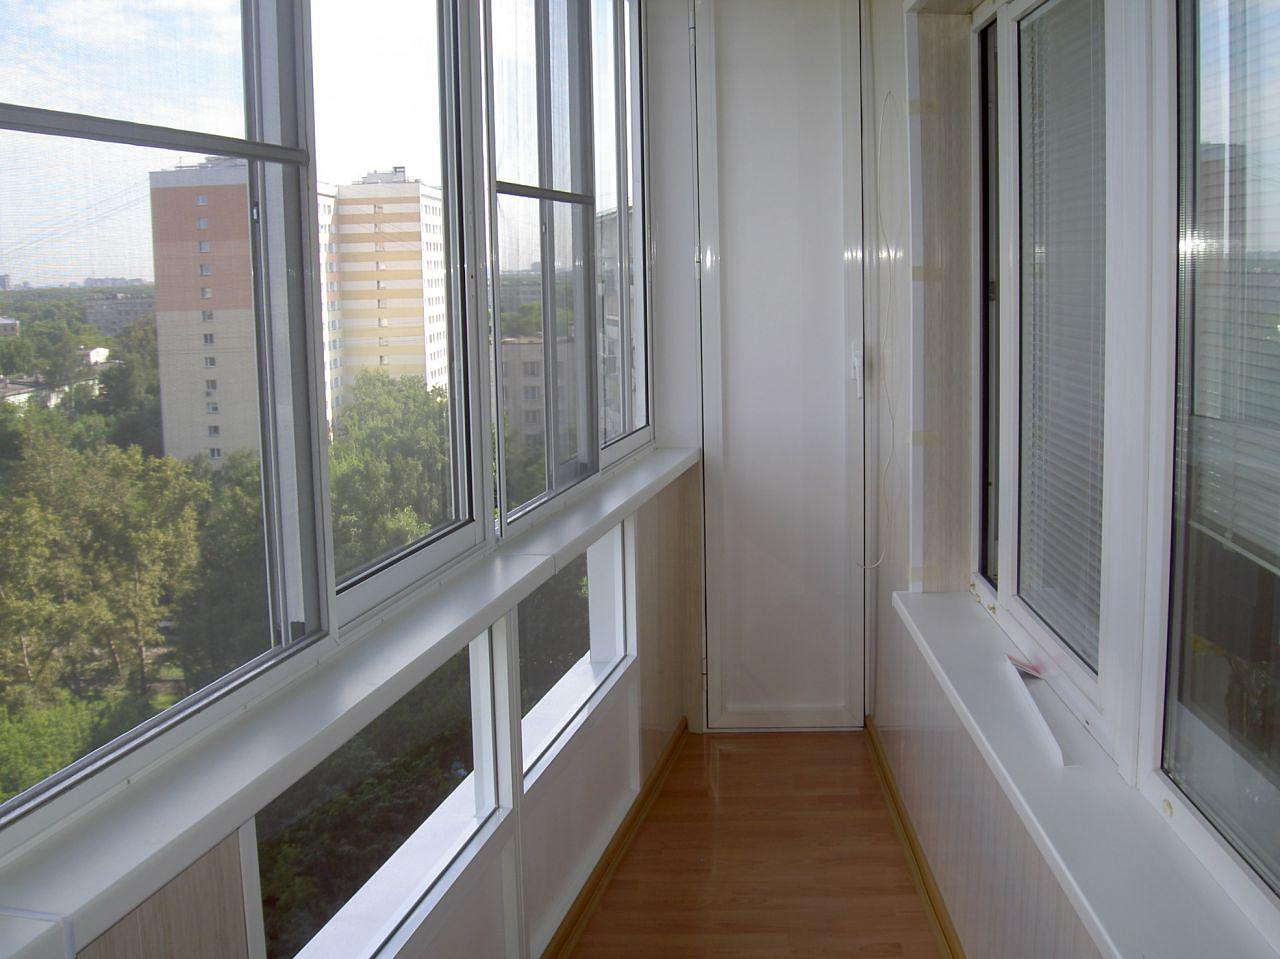 Остекление балконов серии п 111м и что можно сделать с маленьким балкончиком.